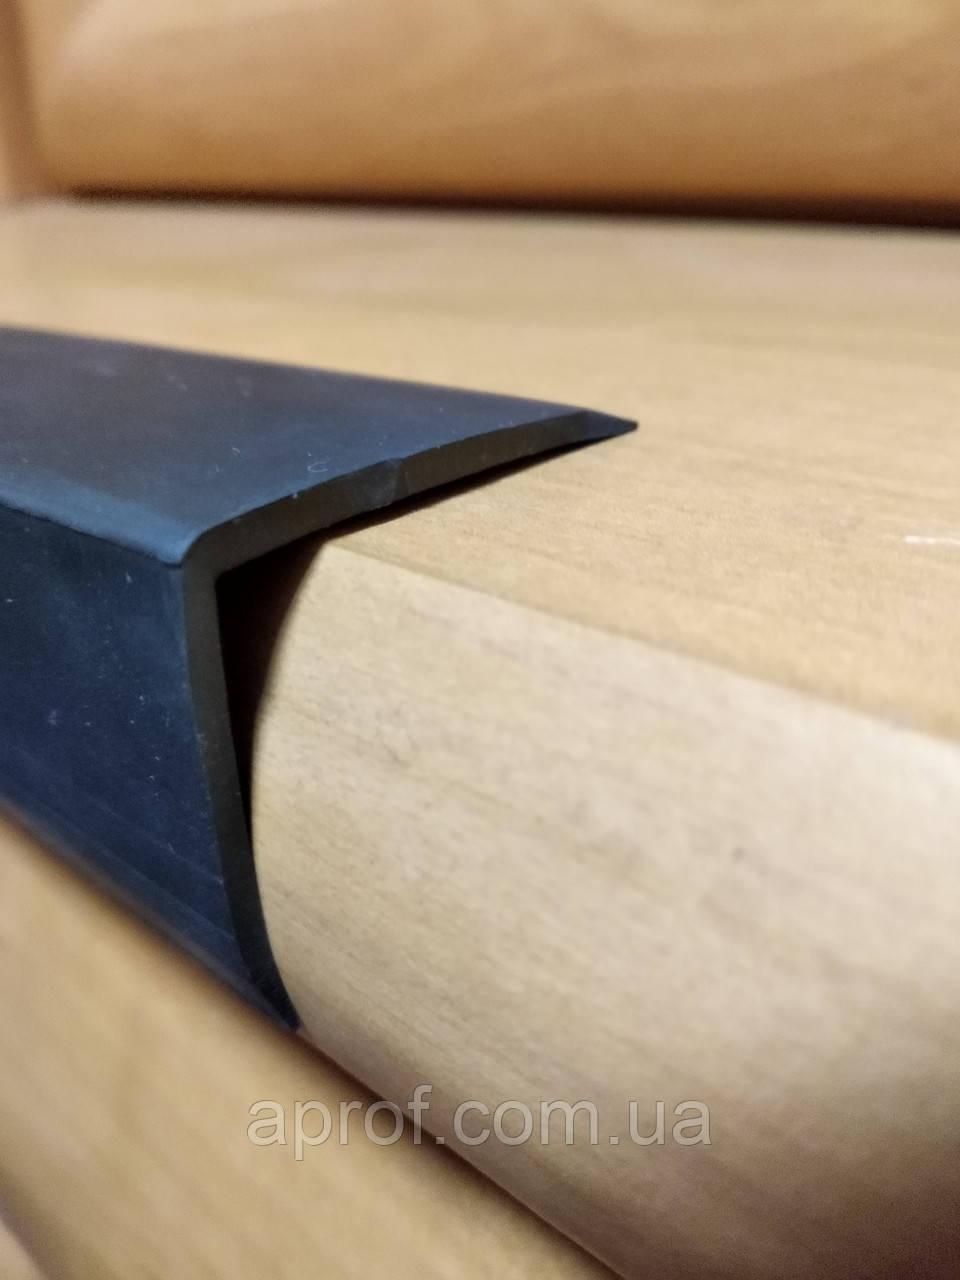 Резиновый уголок, гладкий (40х30х2 мм)